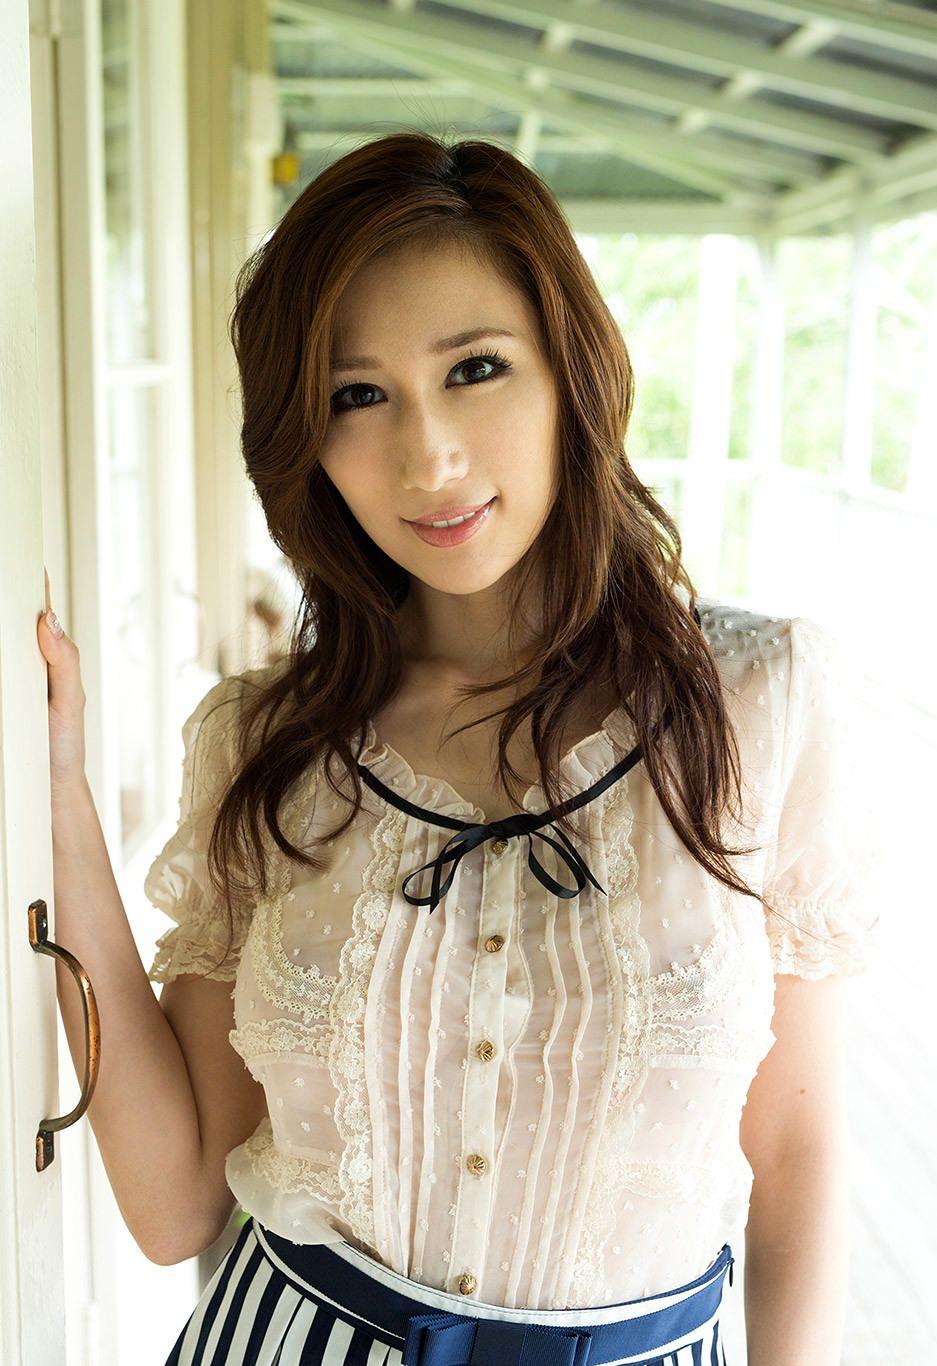 big breasted asian model. #hugeboobs #busty #largebreast | julia